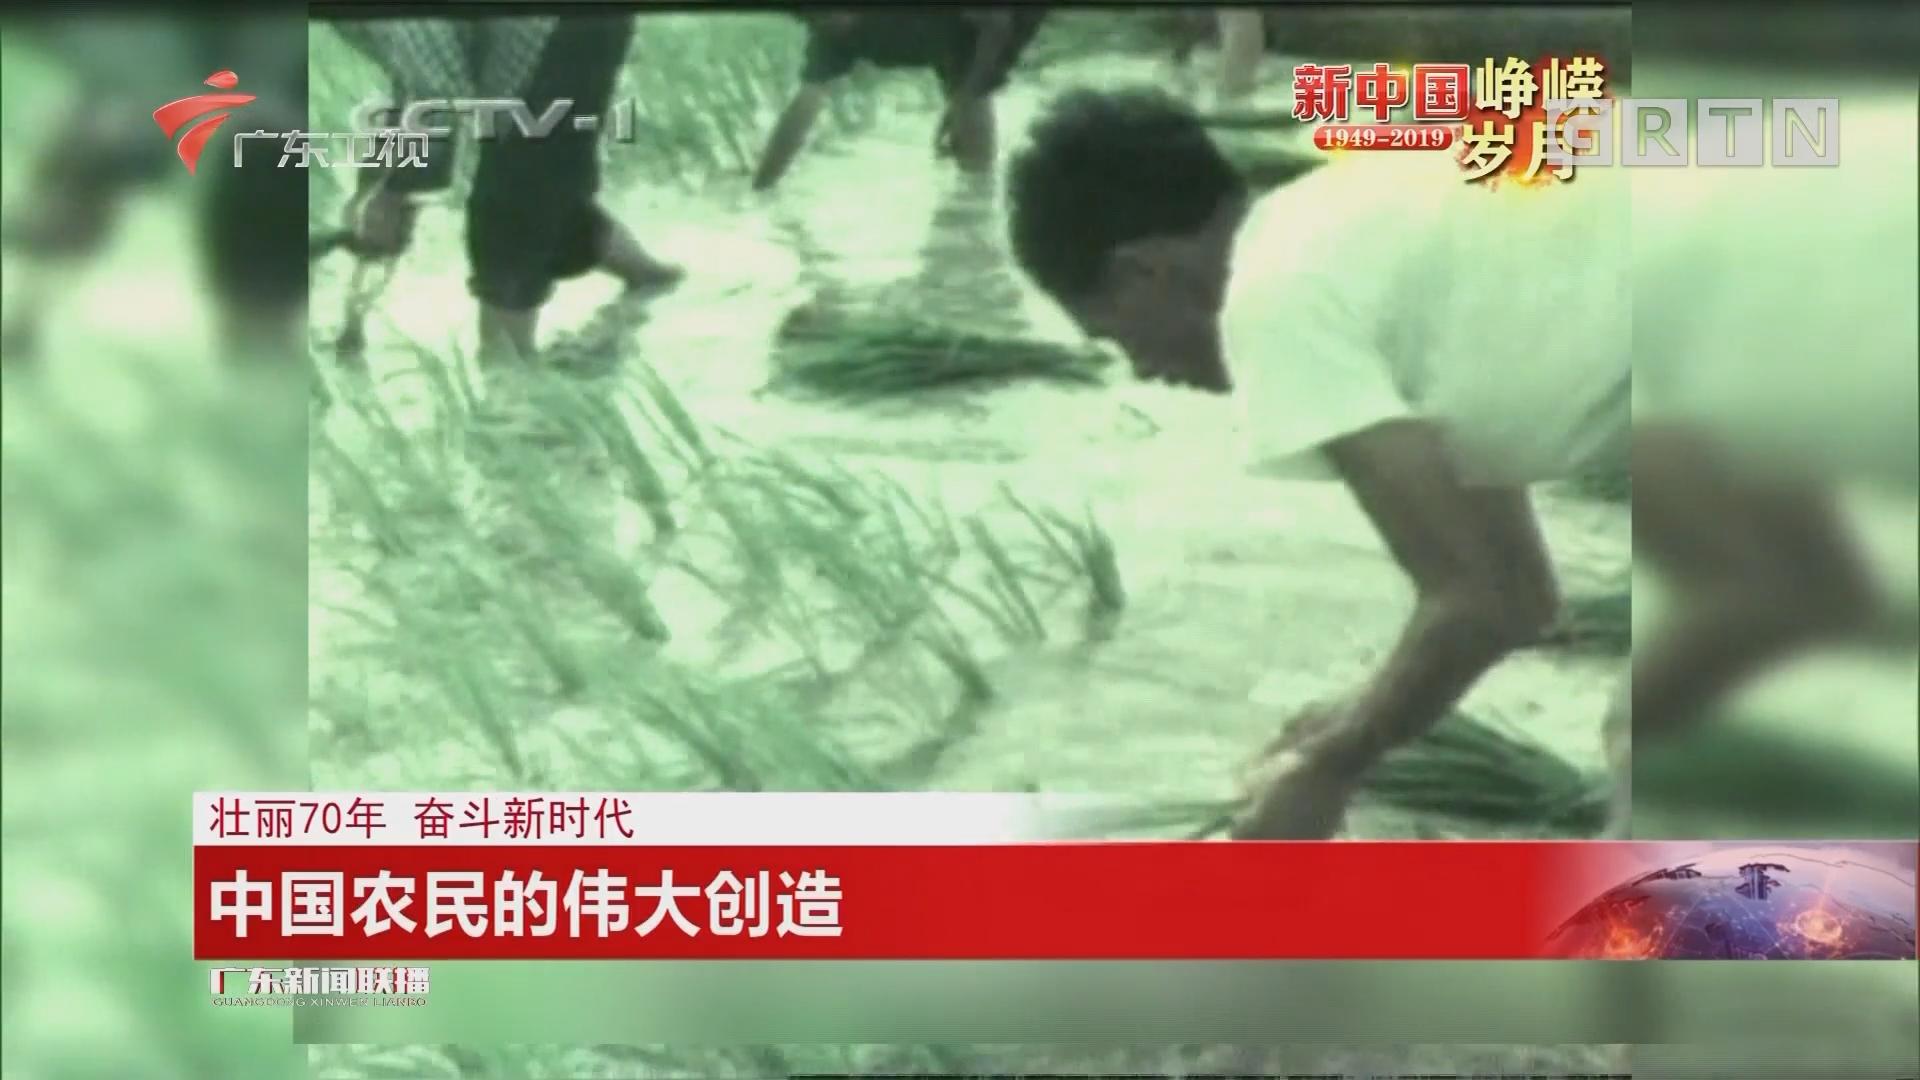 中國農民的偉大創造